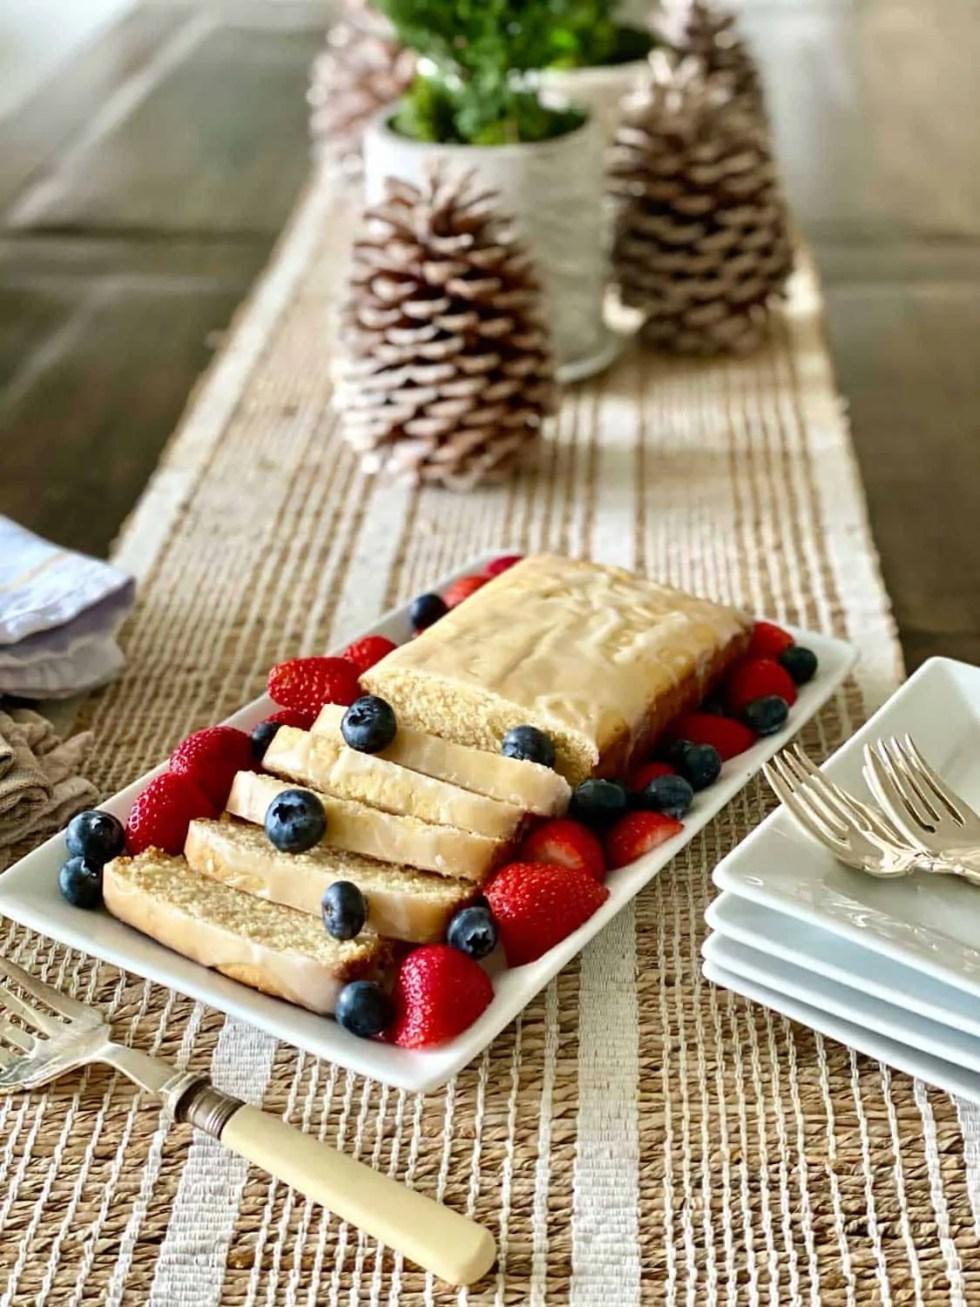 Lemon Cake with Berries for Christmas Family Brunch